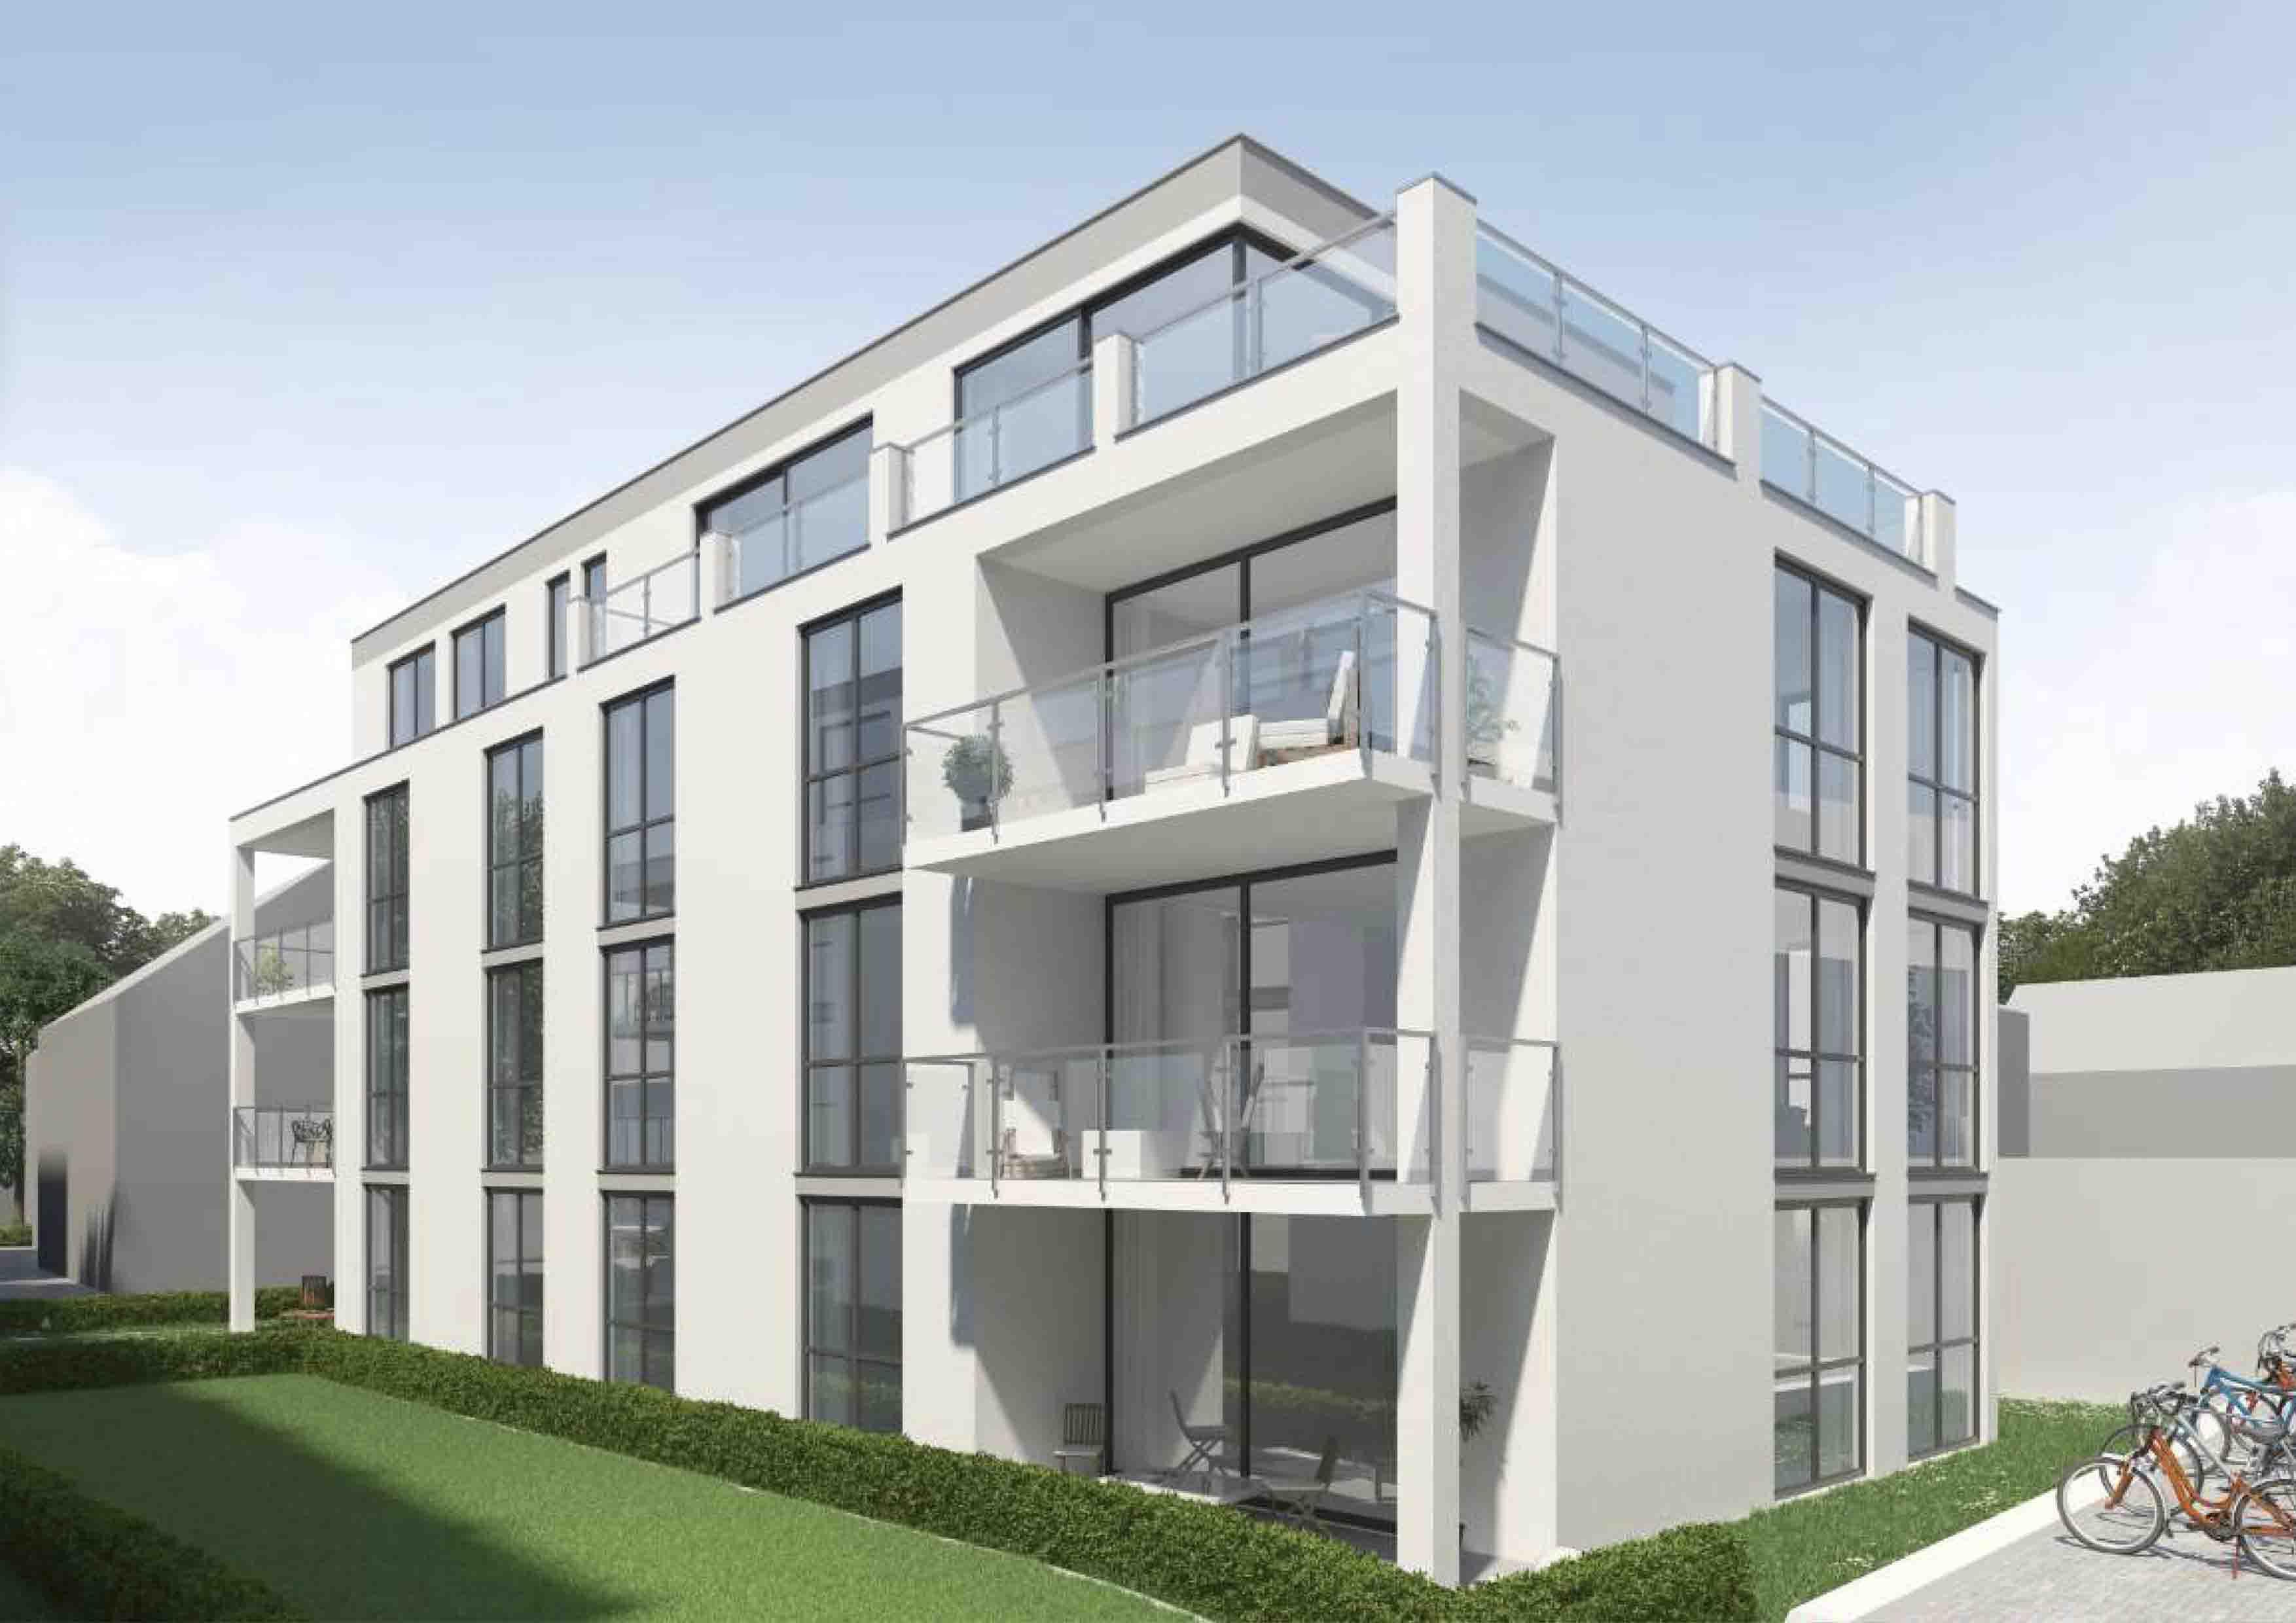 Visualisierung-Metzingen, Ulmer-Ecke Marienstraße - Haus 3